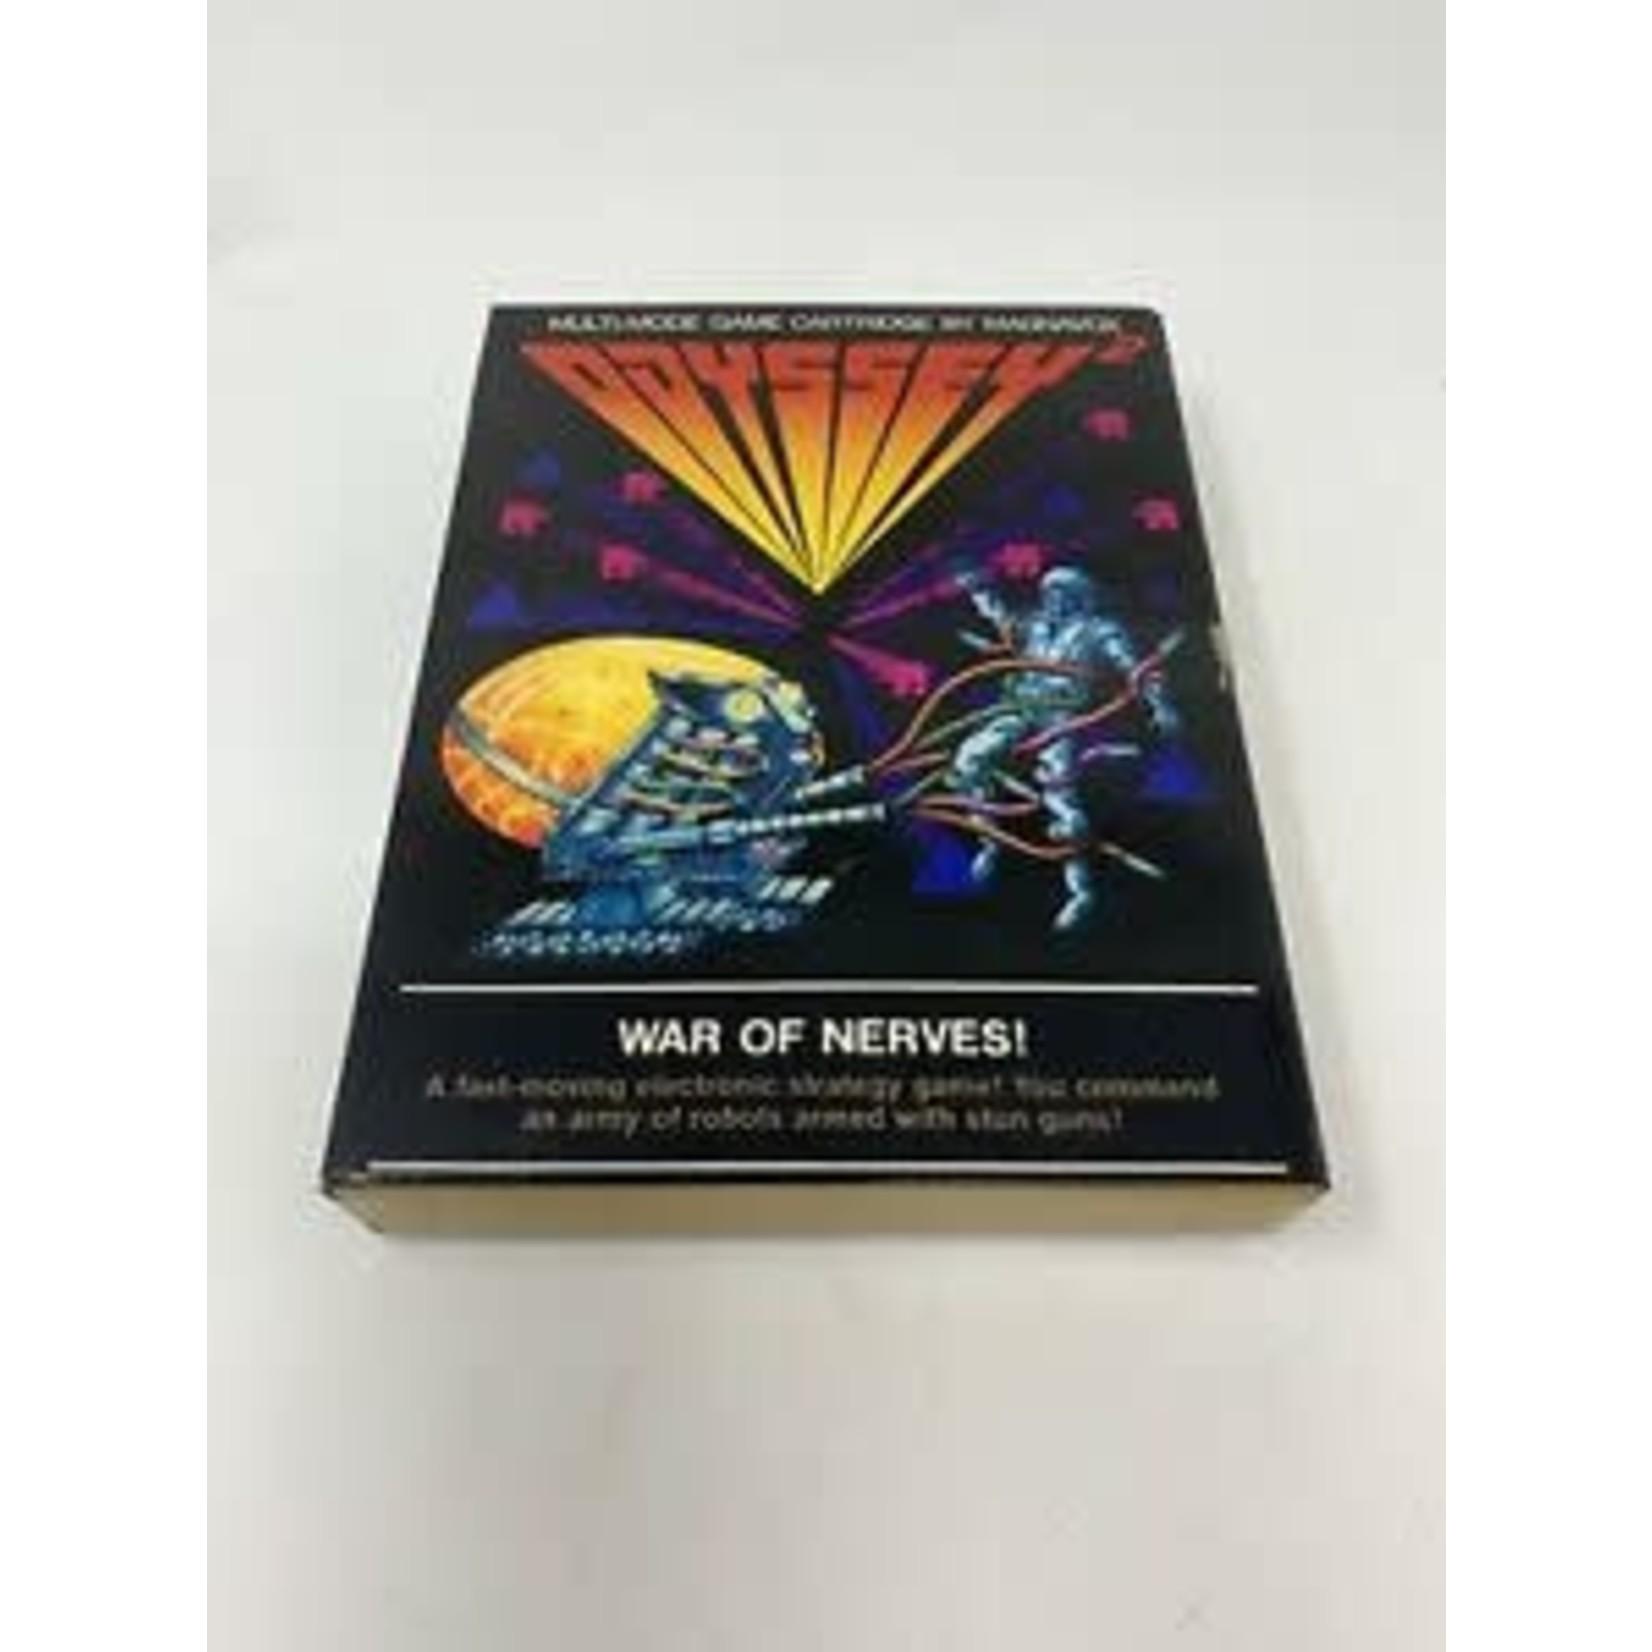 OD2U-War of Nerves! (Boxed)